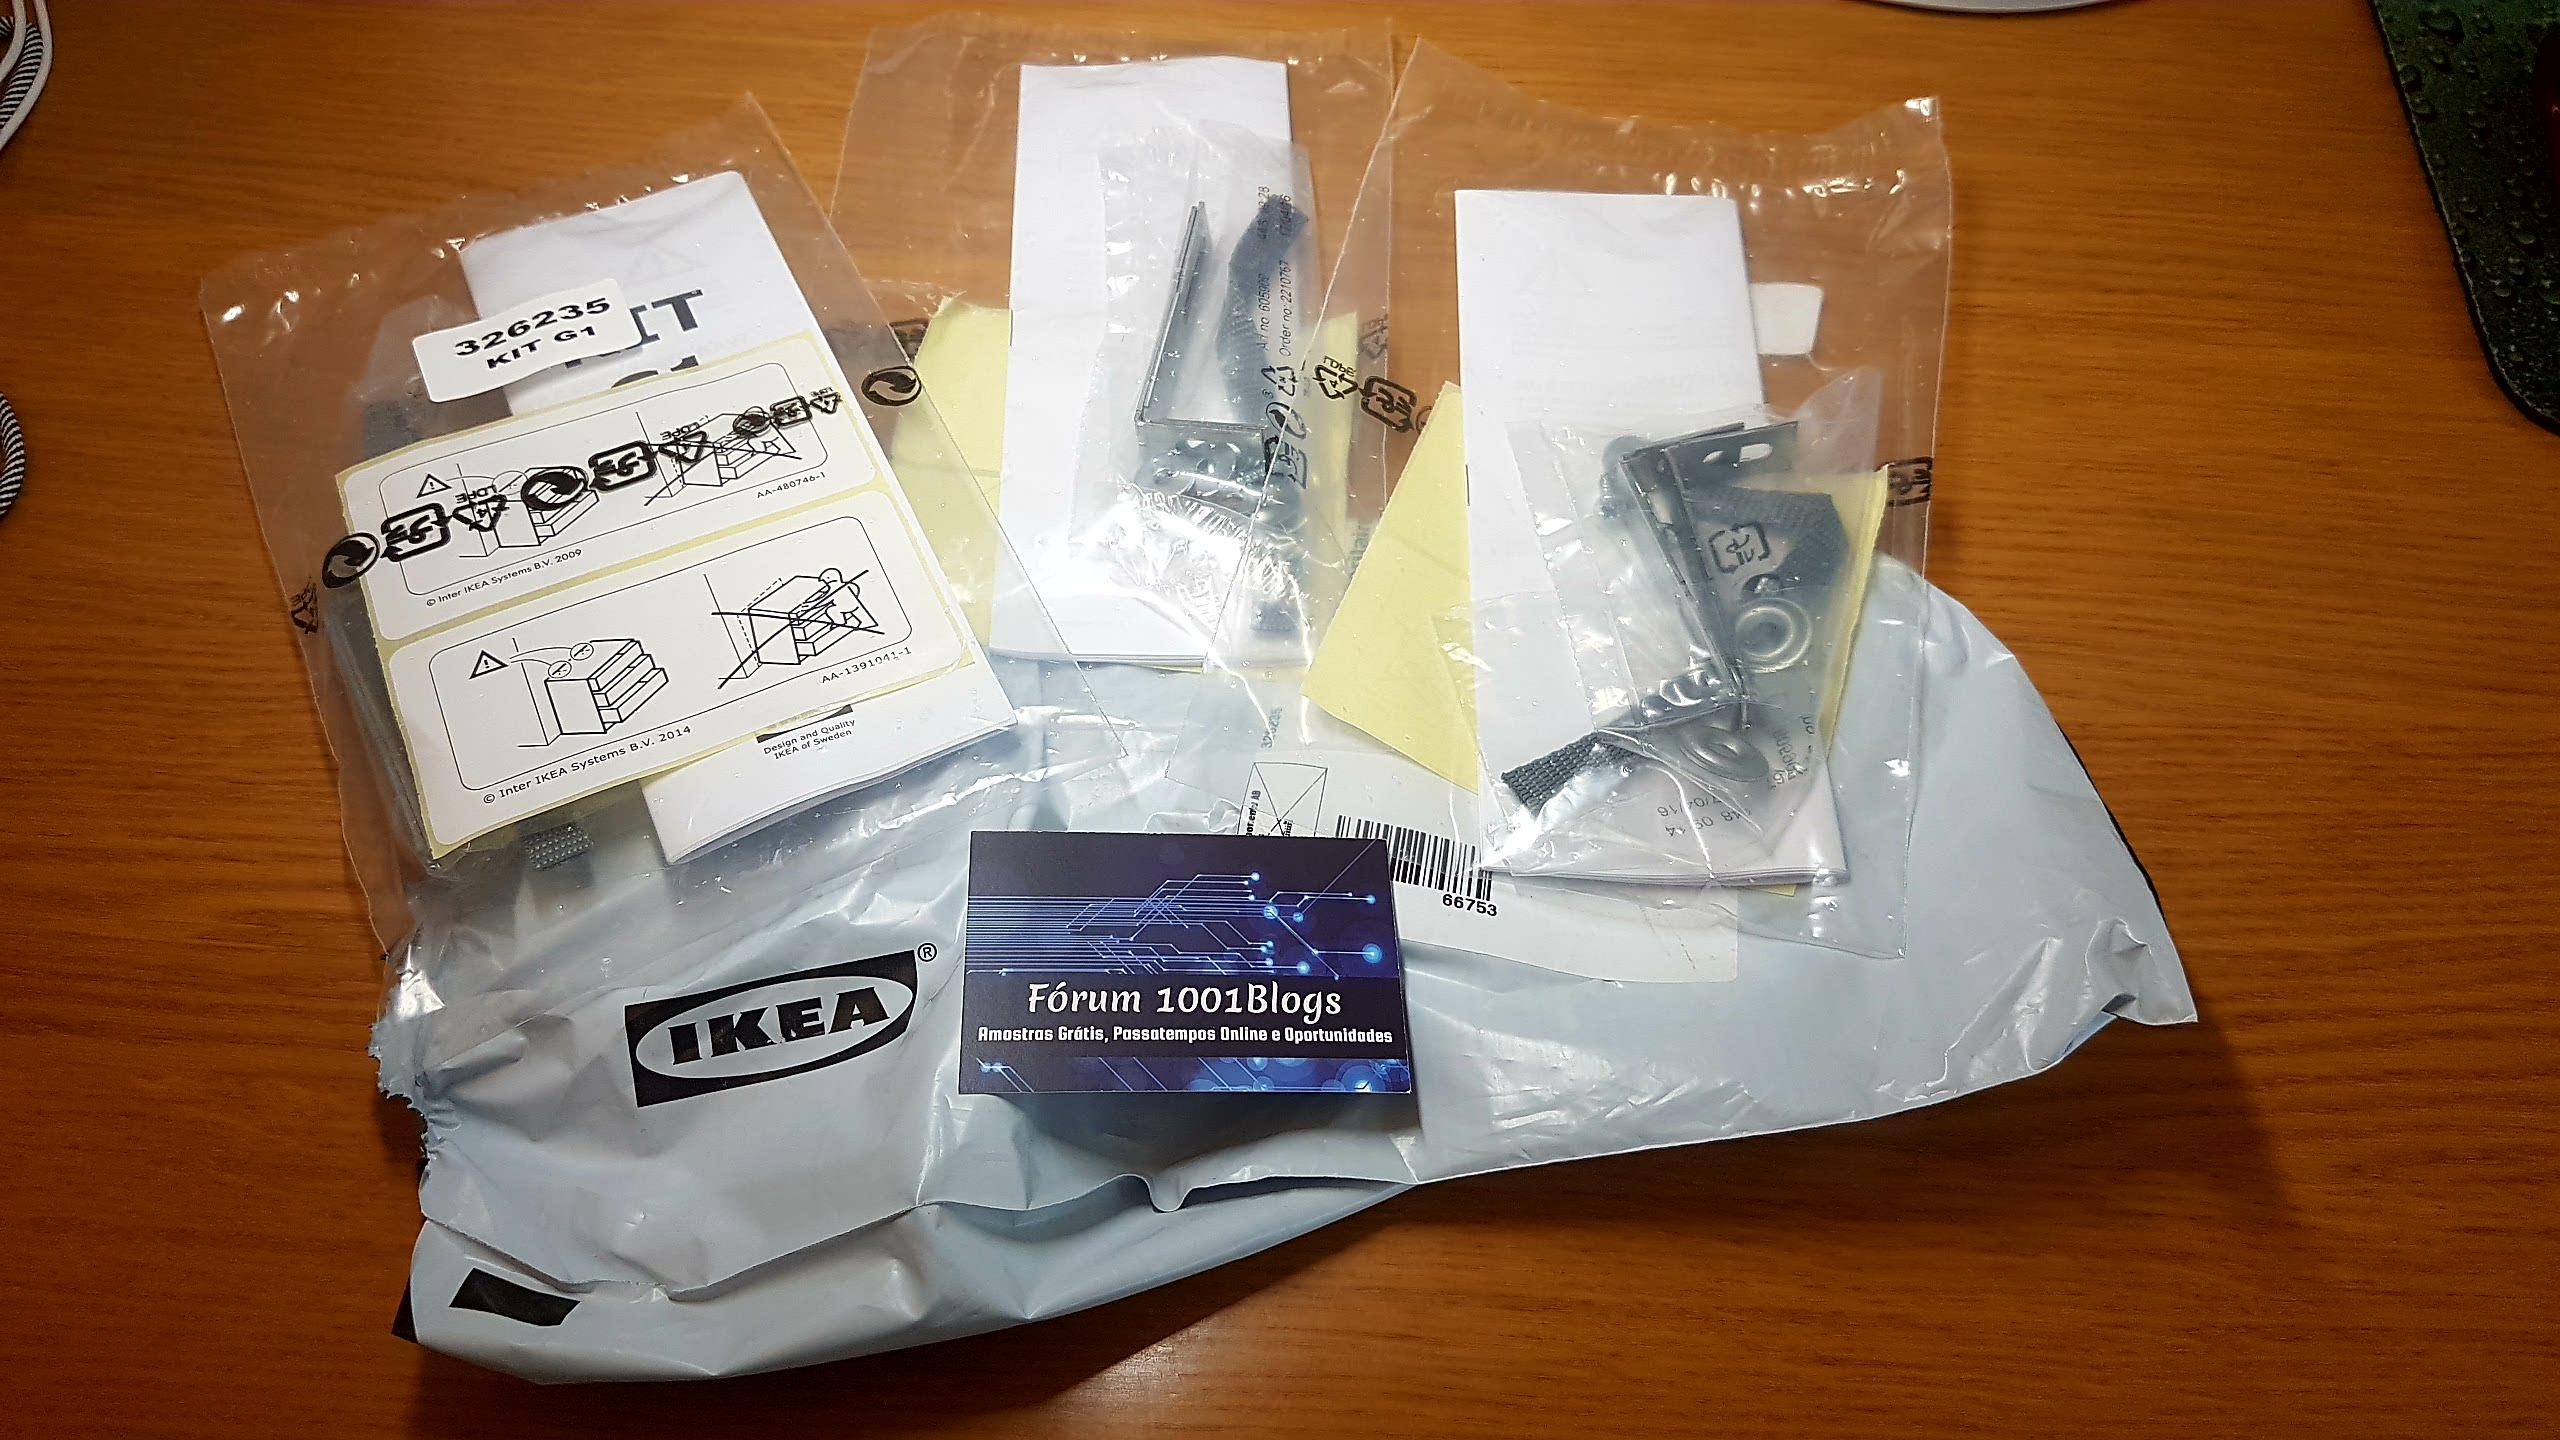 Amostras Ikea- Kit para fixação cómodas para proteger as crianças [Recebido] - Página 2 20161025_103736